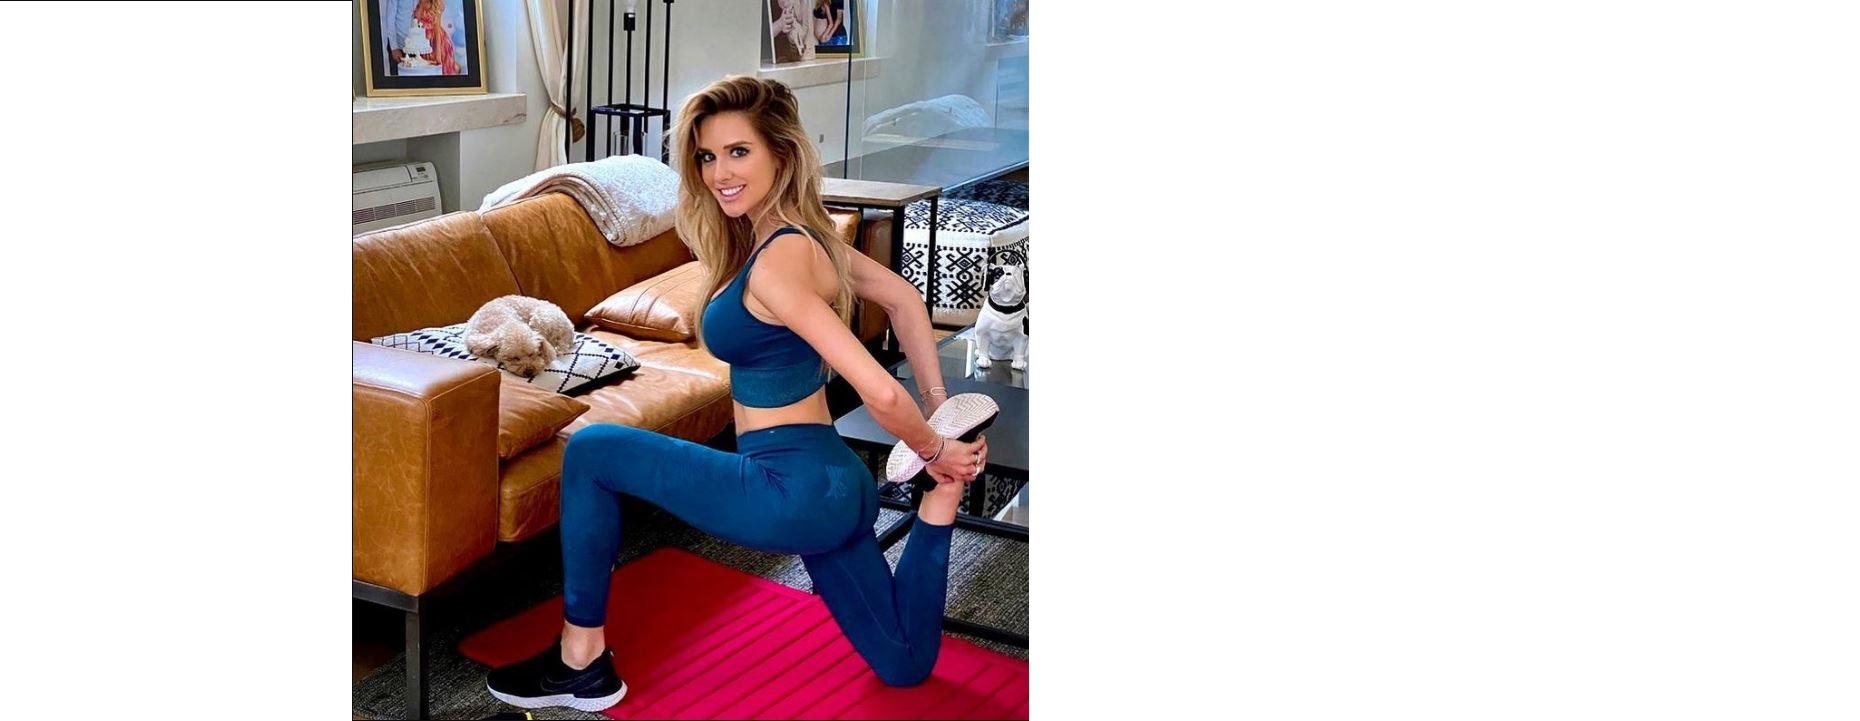 Michela Persico, la bella pareja del olvidado de Juventus: Rugani 7